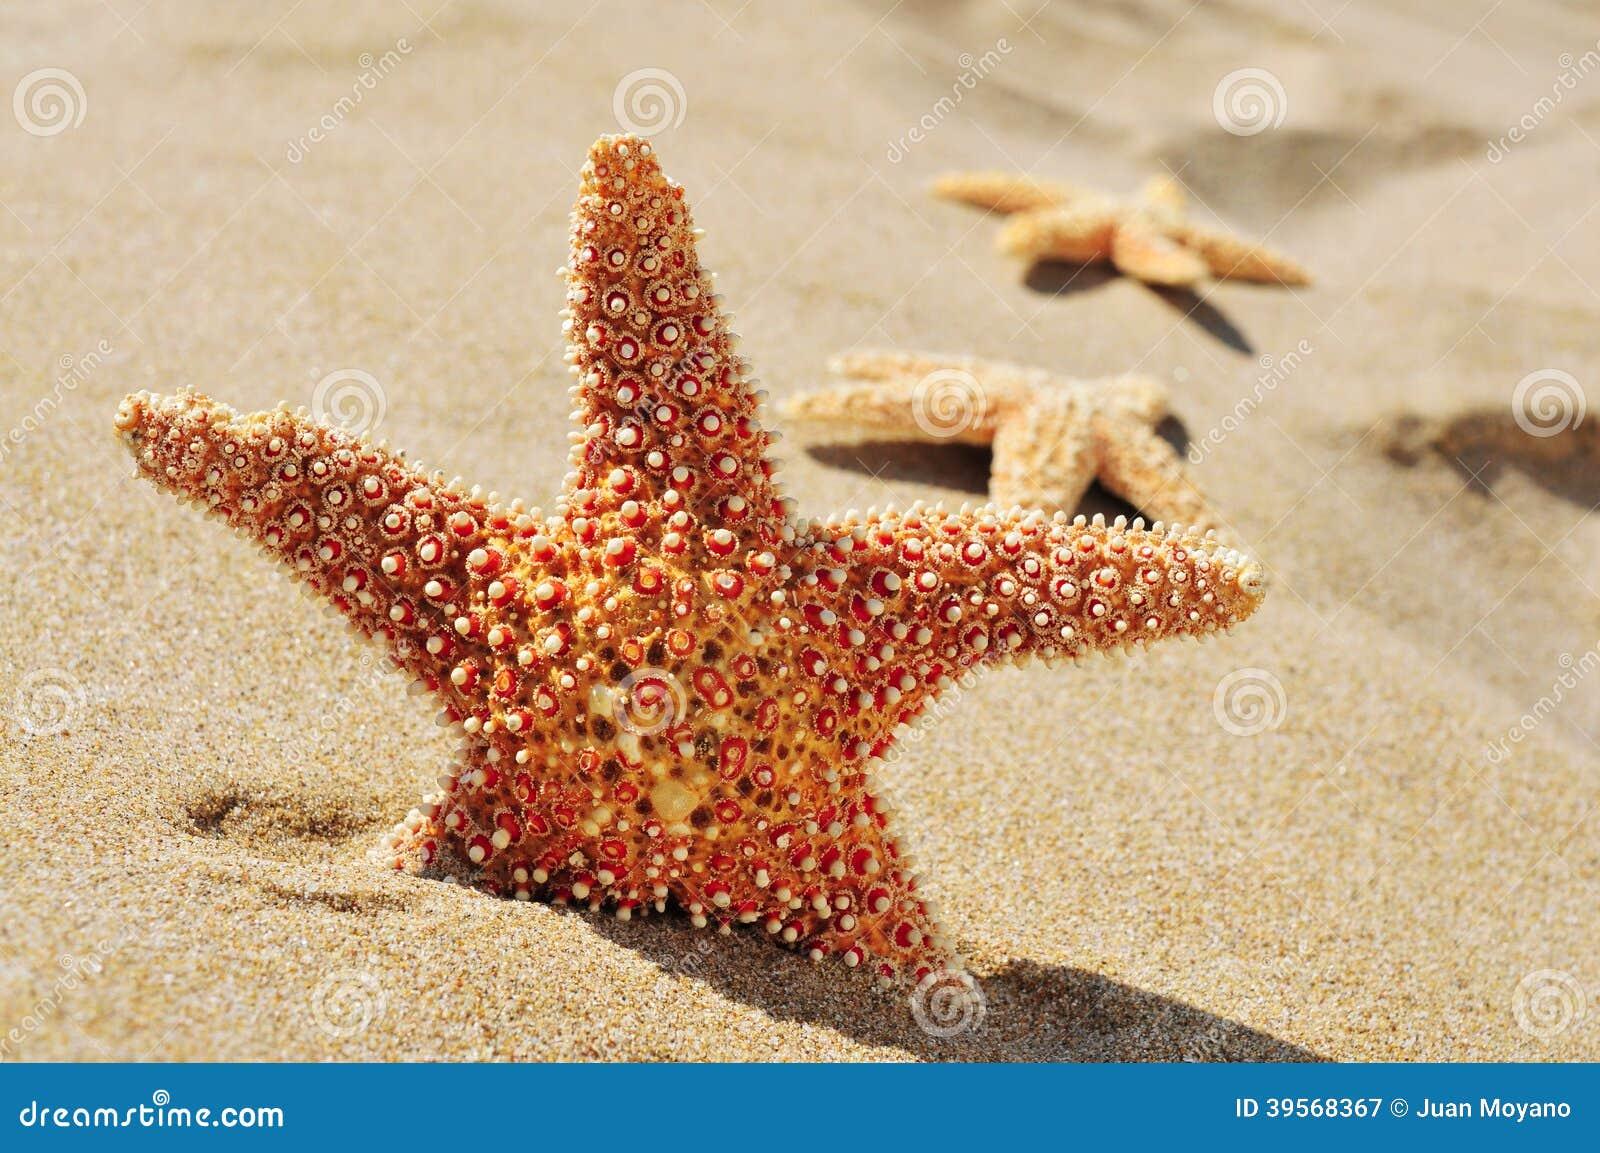 Sjöstjärnor på sanden av en strand